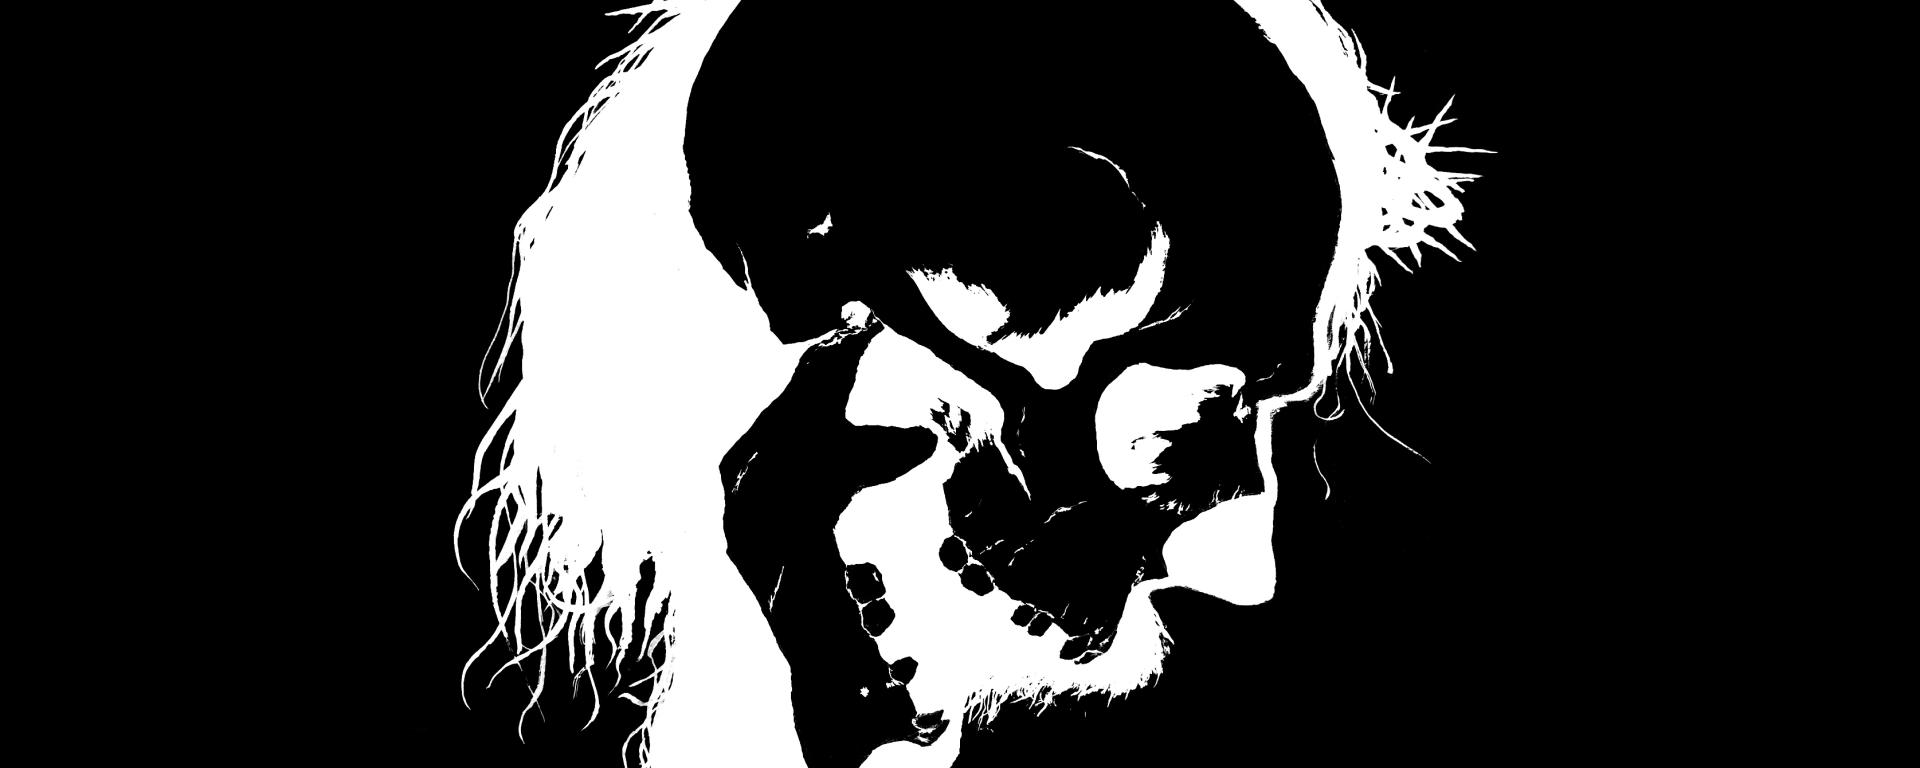 Doomnezeu a lansat a treia piesă – Kranioutopos